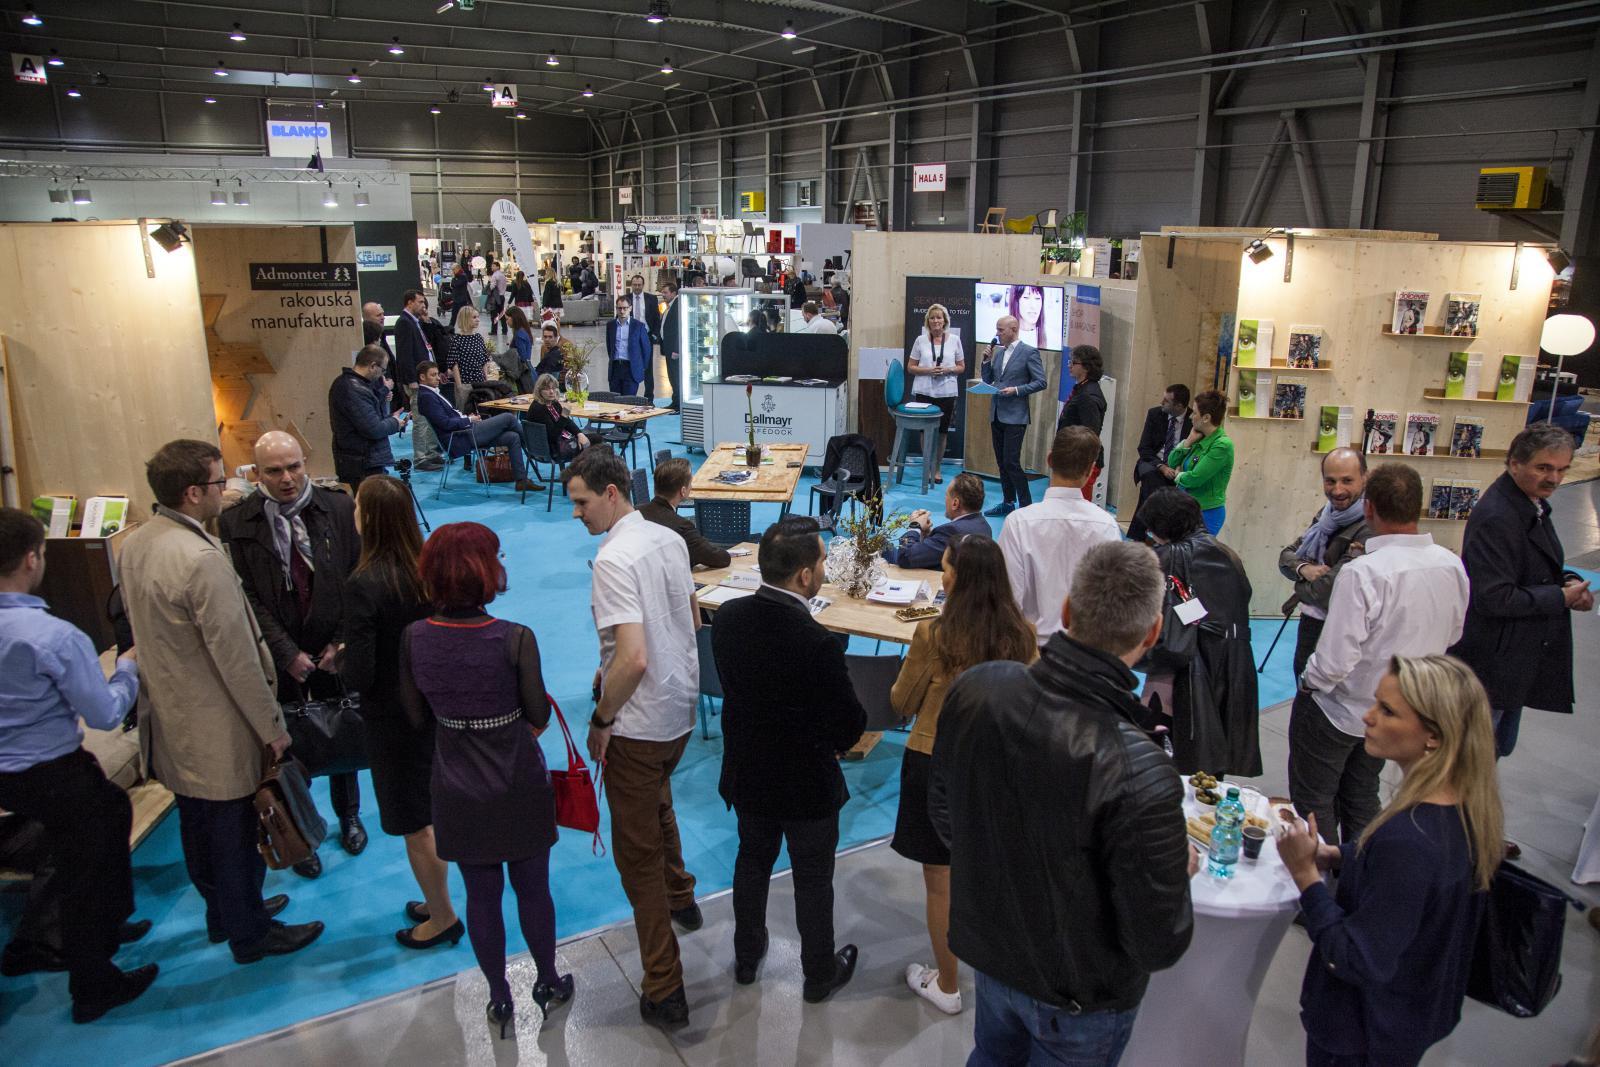 رویدادها و نمایشگاه ها در چک